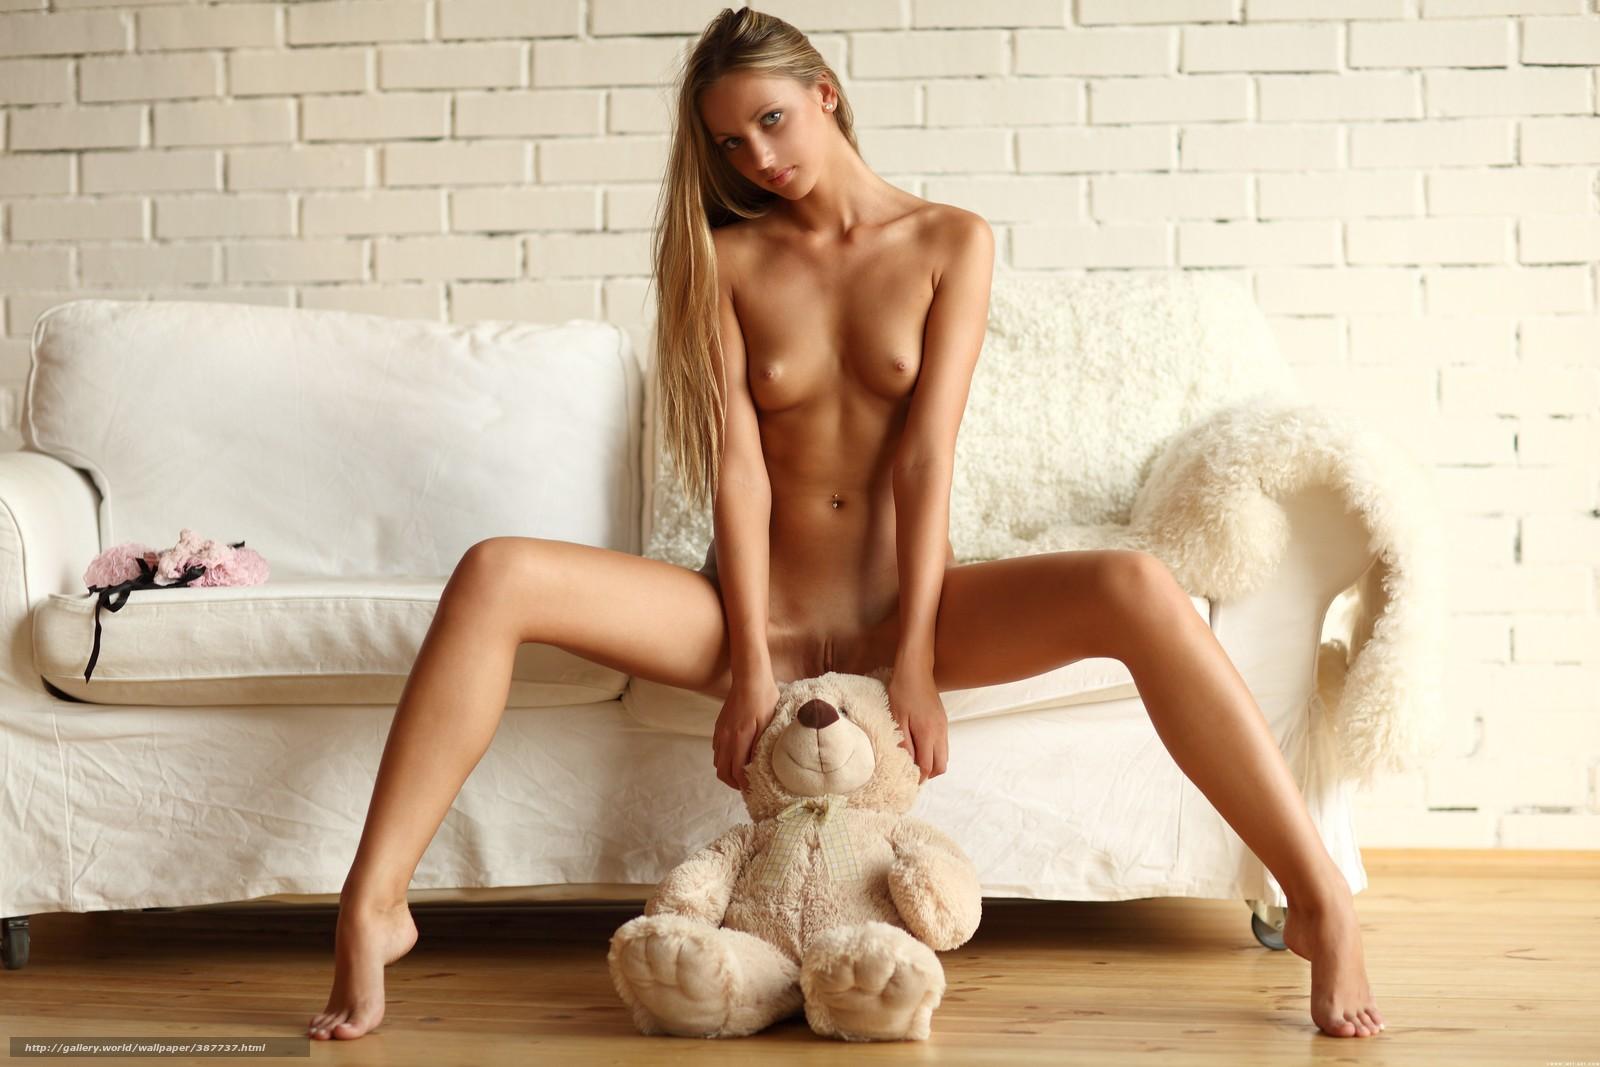 Фото эро девушек с игрушками 24 фотография